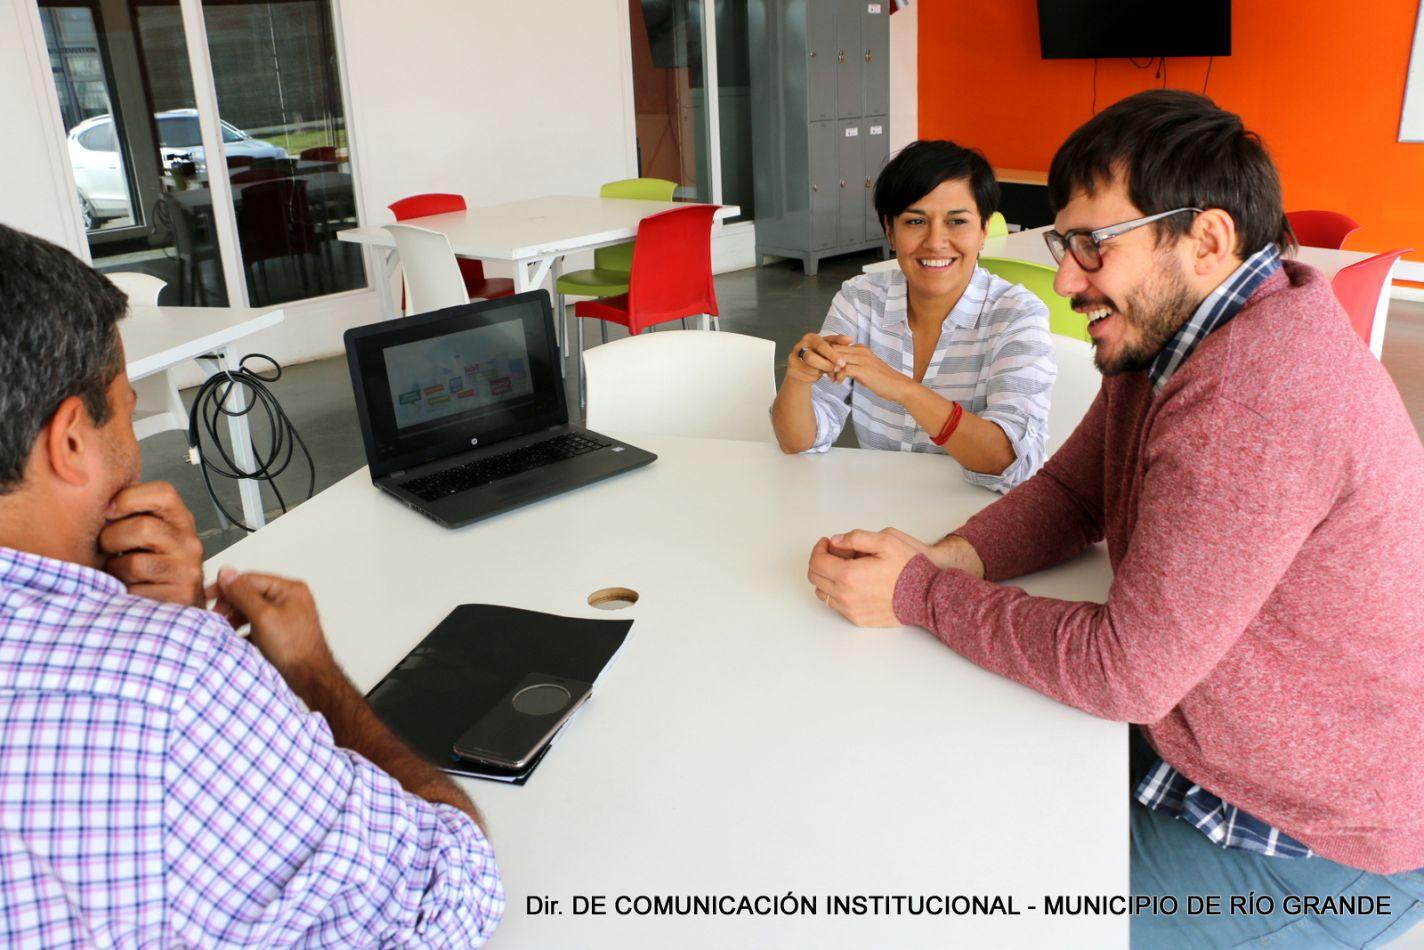 El proyecto es el resultado de un trabajo conjunto entre diferentes áreas municipales y su aplicabilidad está proyectada a mediano plazo.